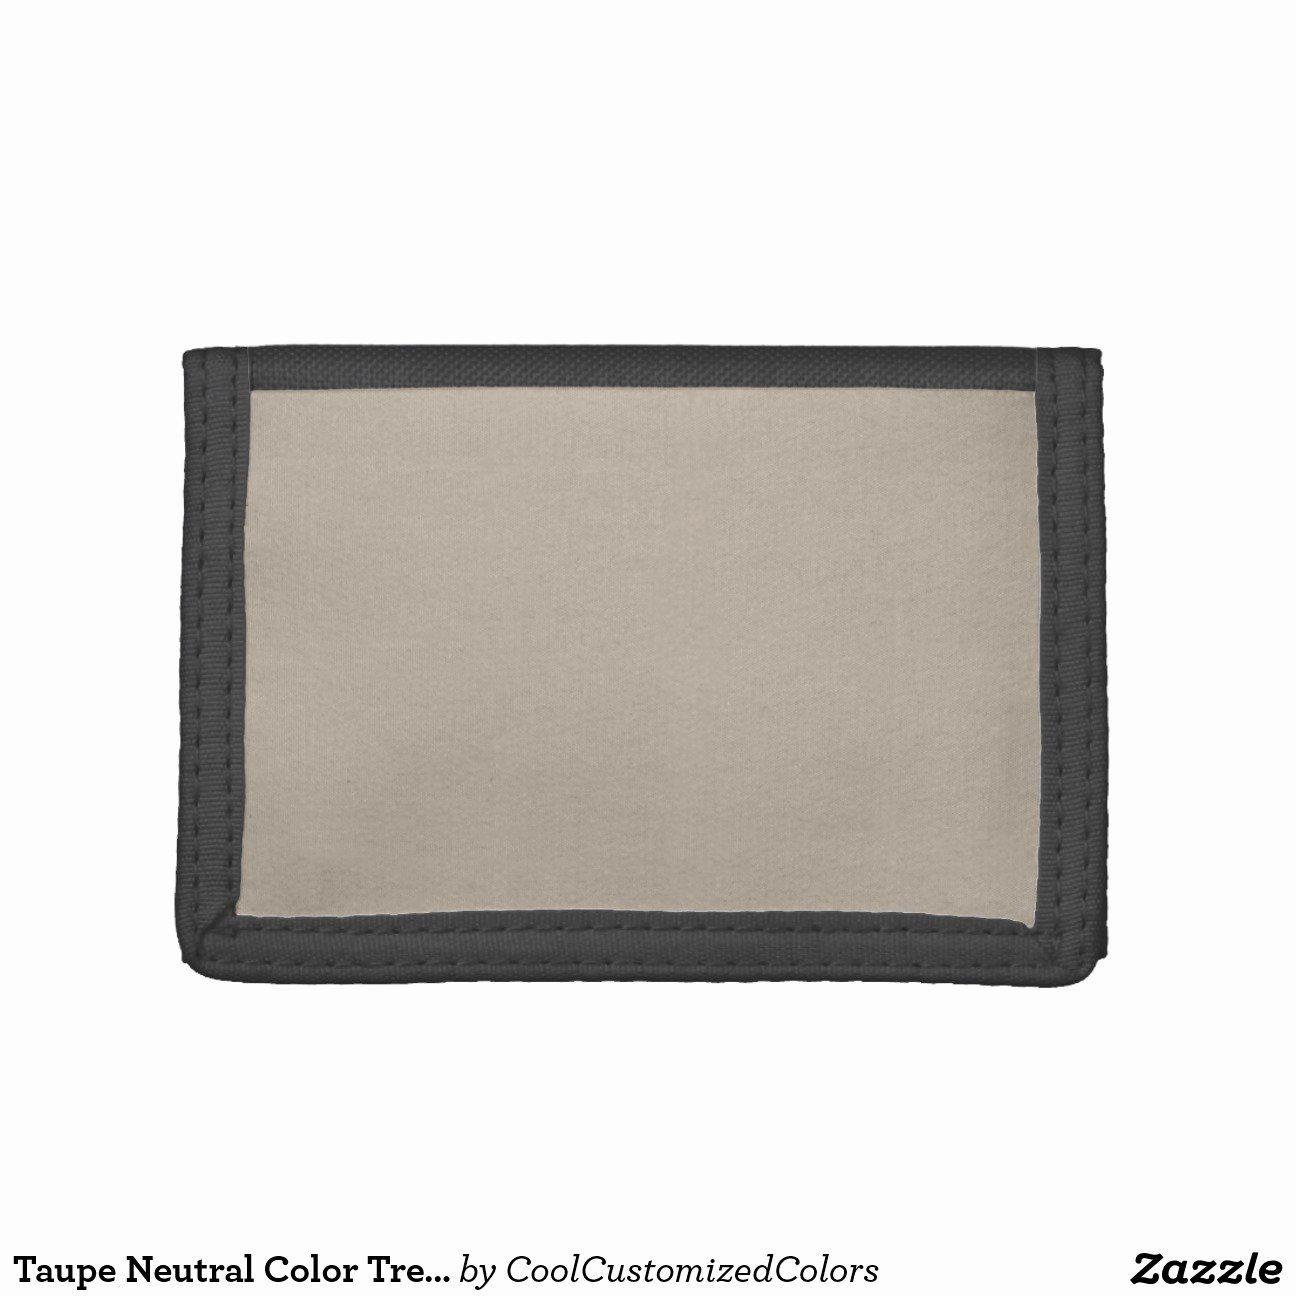 Wallet Card Template Word Elegant 14 Of 2x3 Blank Wallet Template Card Template Card Templates Printable Card Wallet